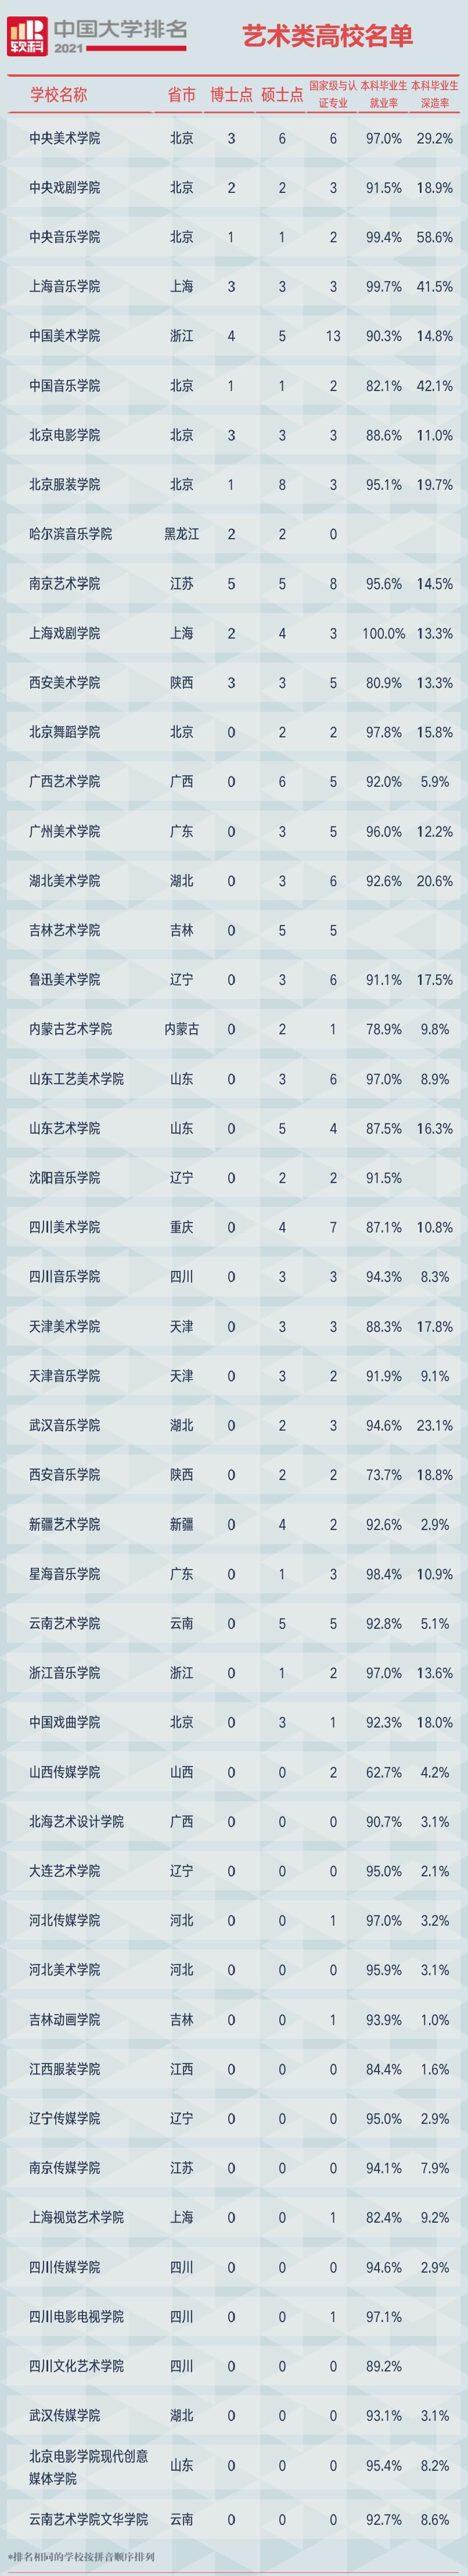 2021软科中国艺术类院校排名榜单